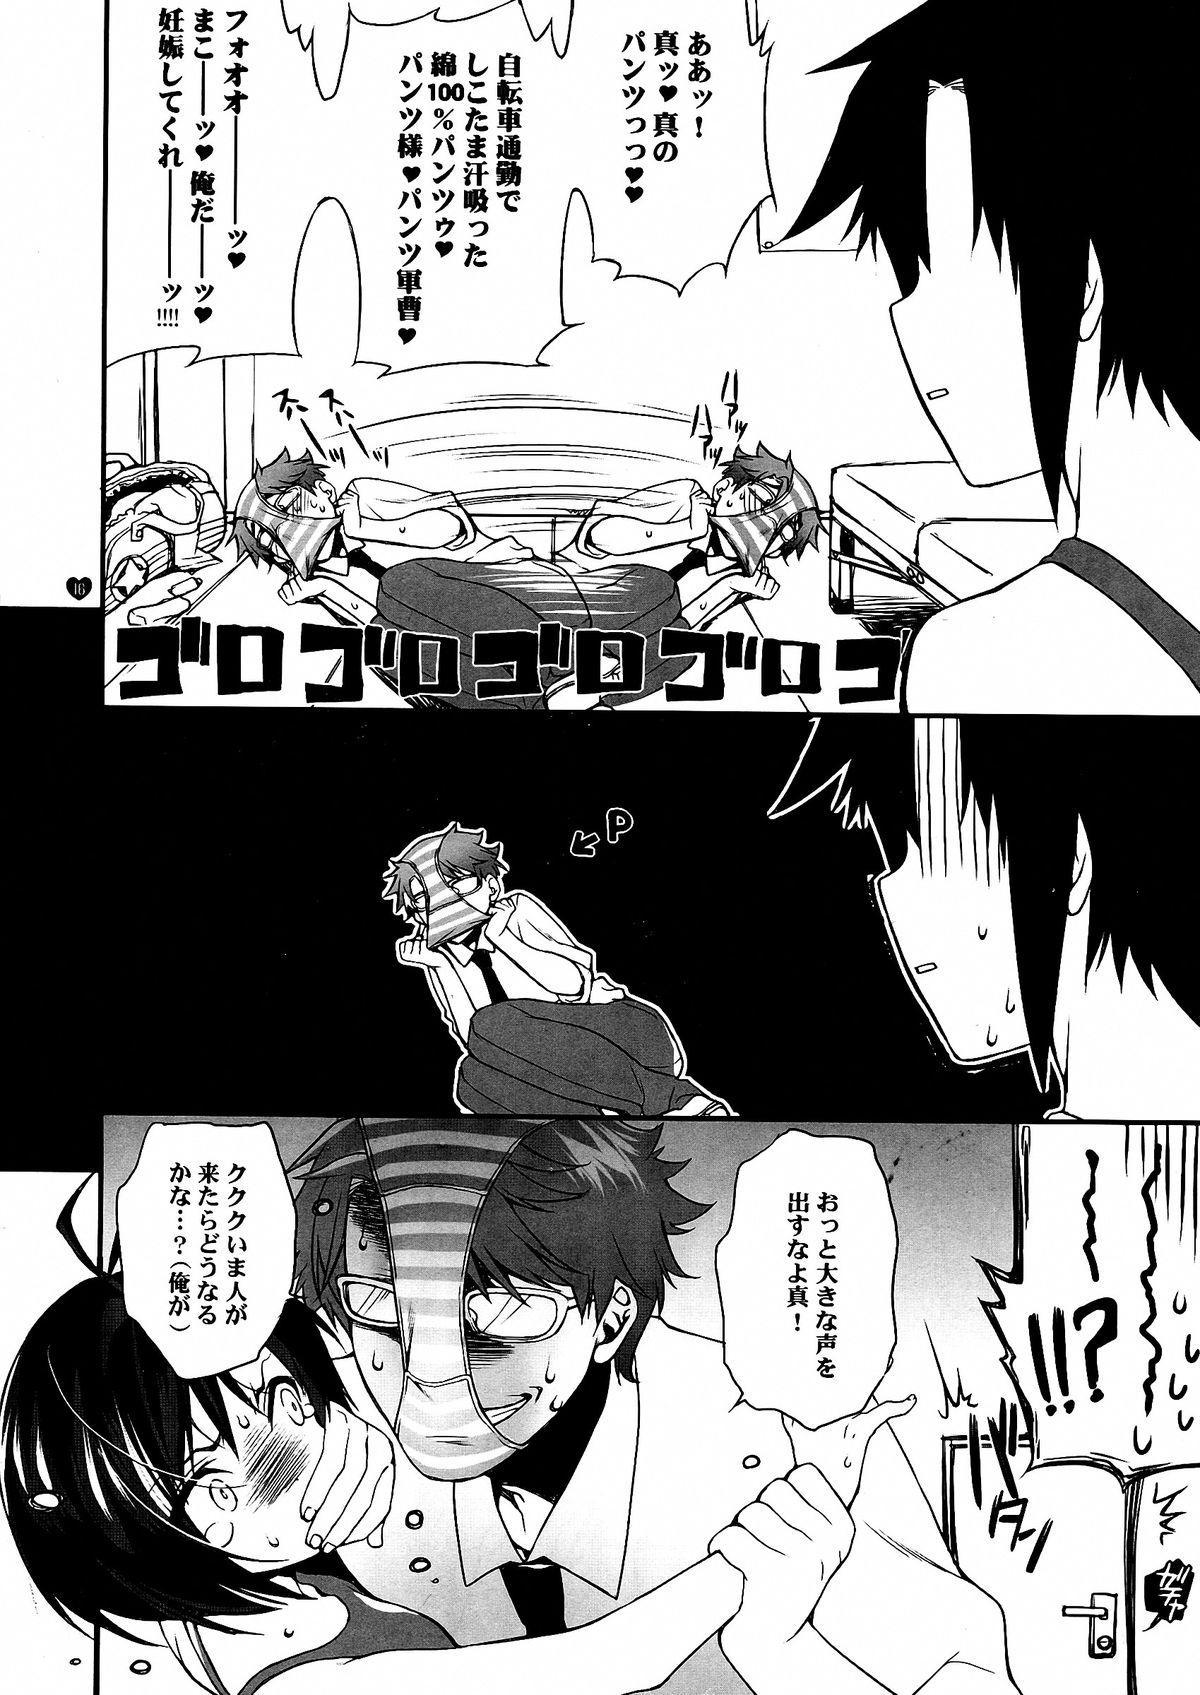 Ore no Idol ga Konna ni Azu to Mako!! 2 15